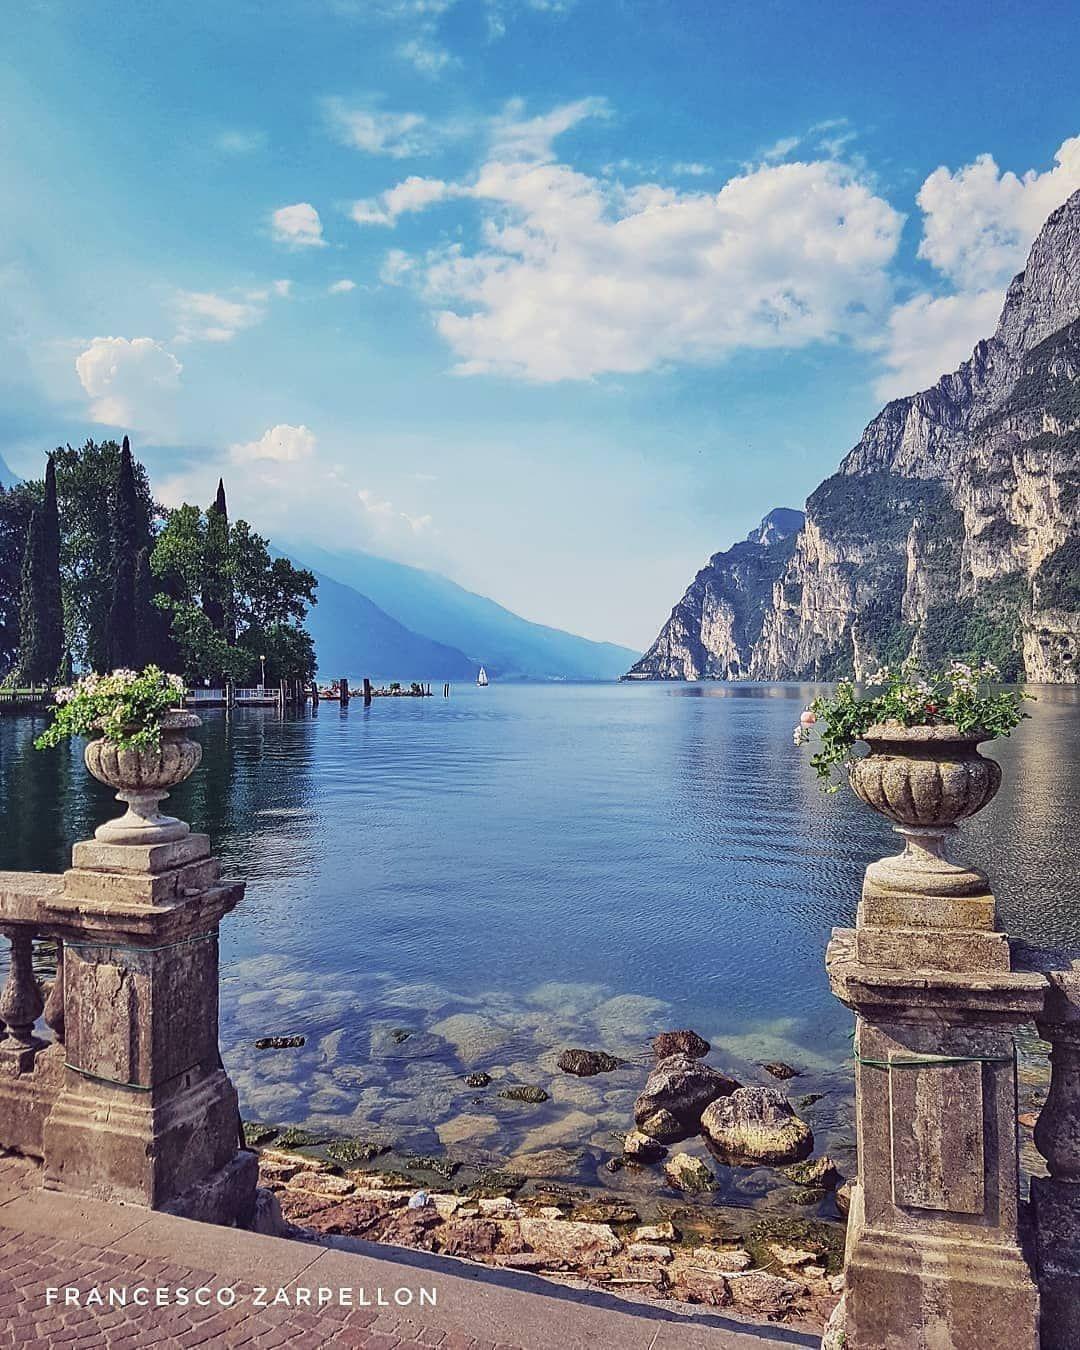 5 Italian Lakes That Will Make Any Trip To Italy Extra Special -   #extra #italian #italy #lakes #OutdoorTravelAdventure #special